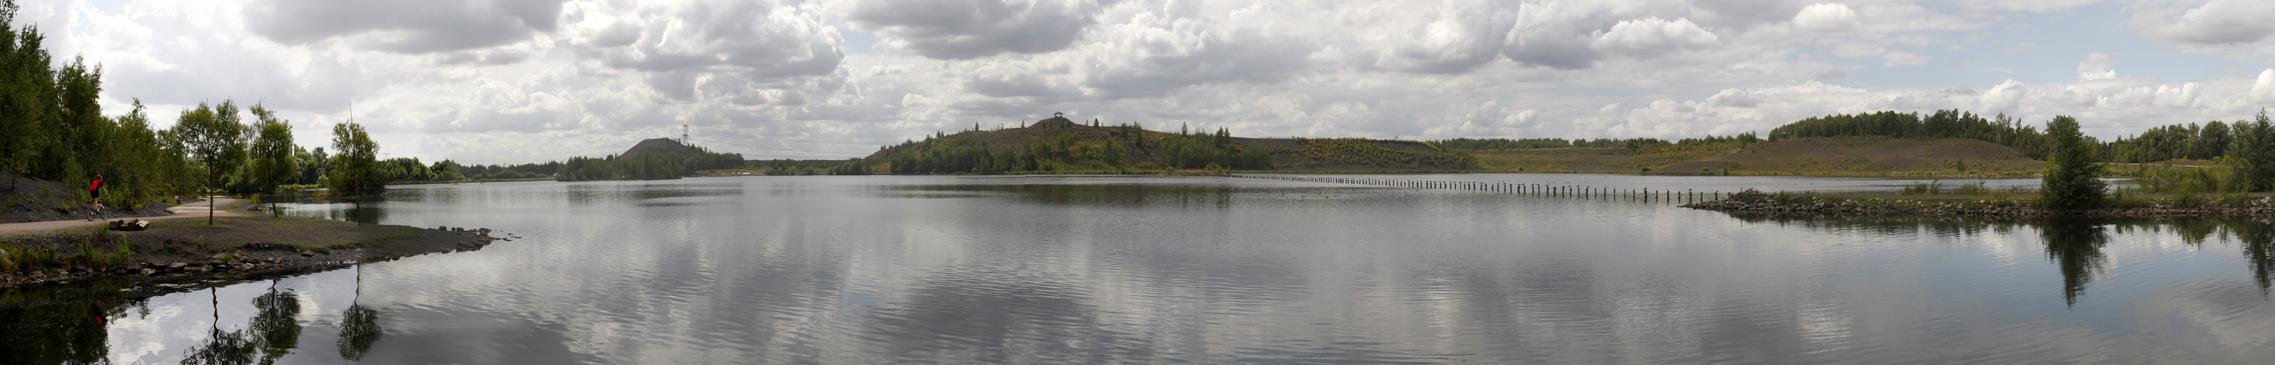 006977_Panorama_Lac_de_Rieulay_-_DVD08_-_IMG_9313_à_19